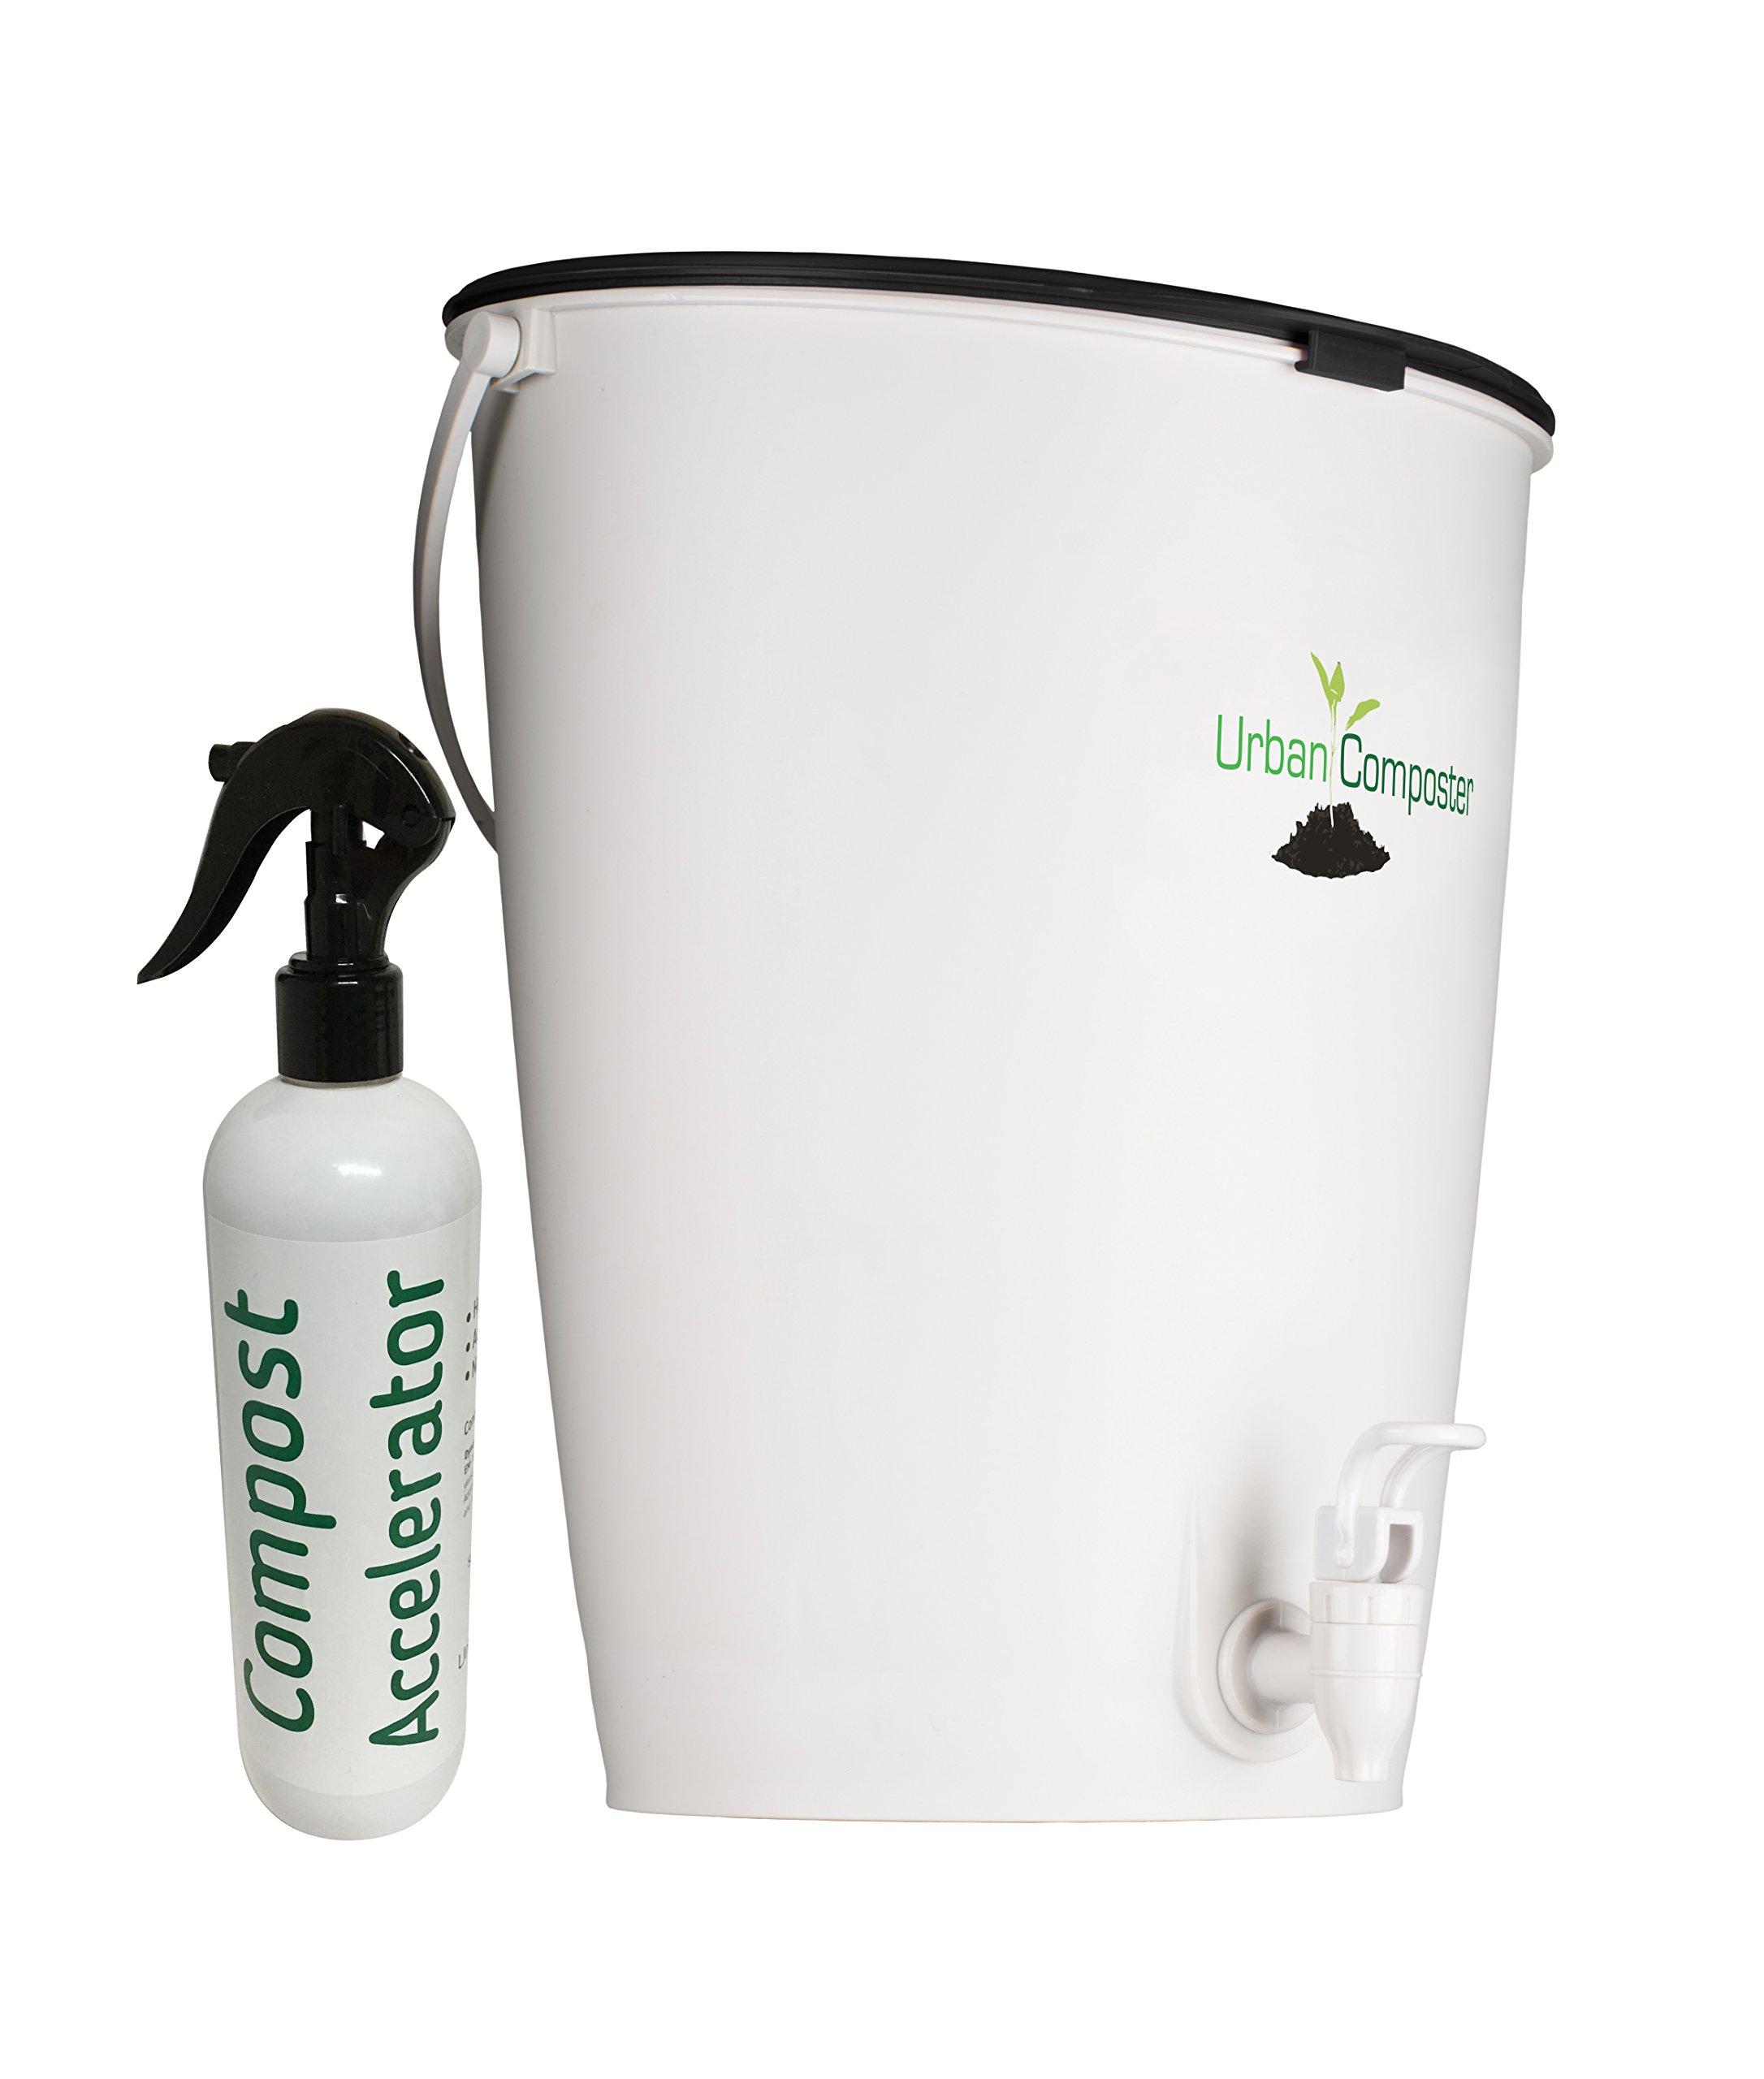 Exaco Trading Company UClarge-B-K Exaco Spray Kit, 4 Gallon, Black